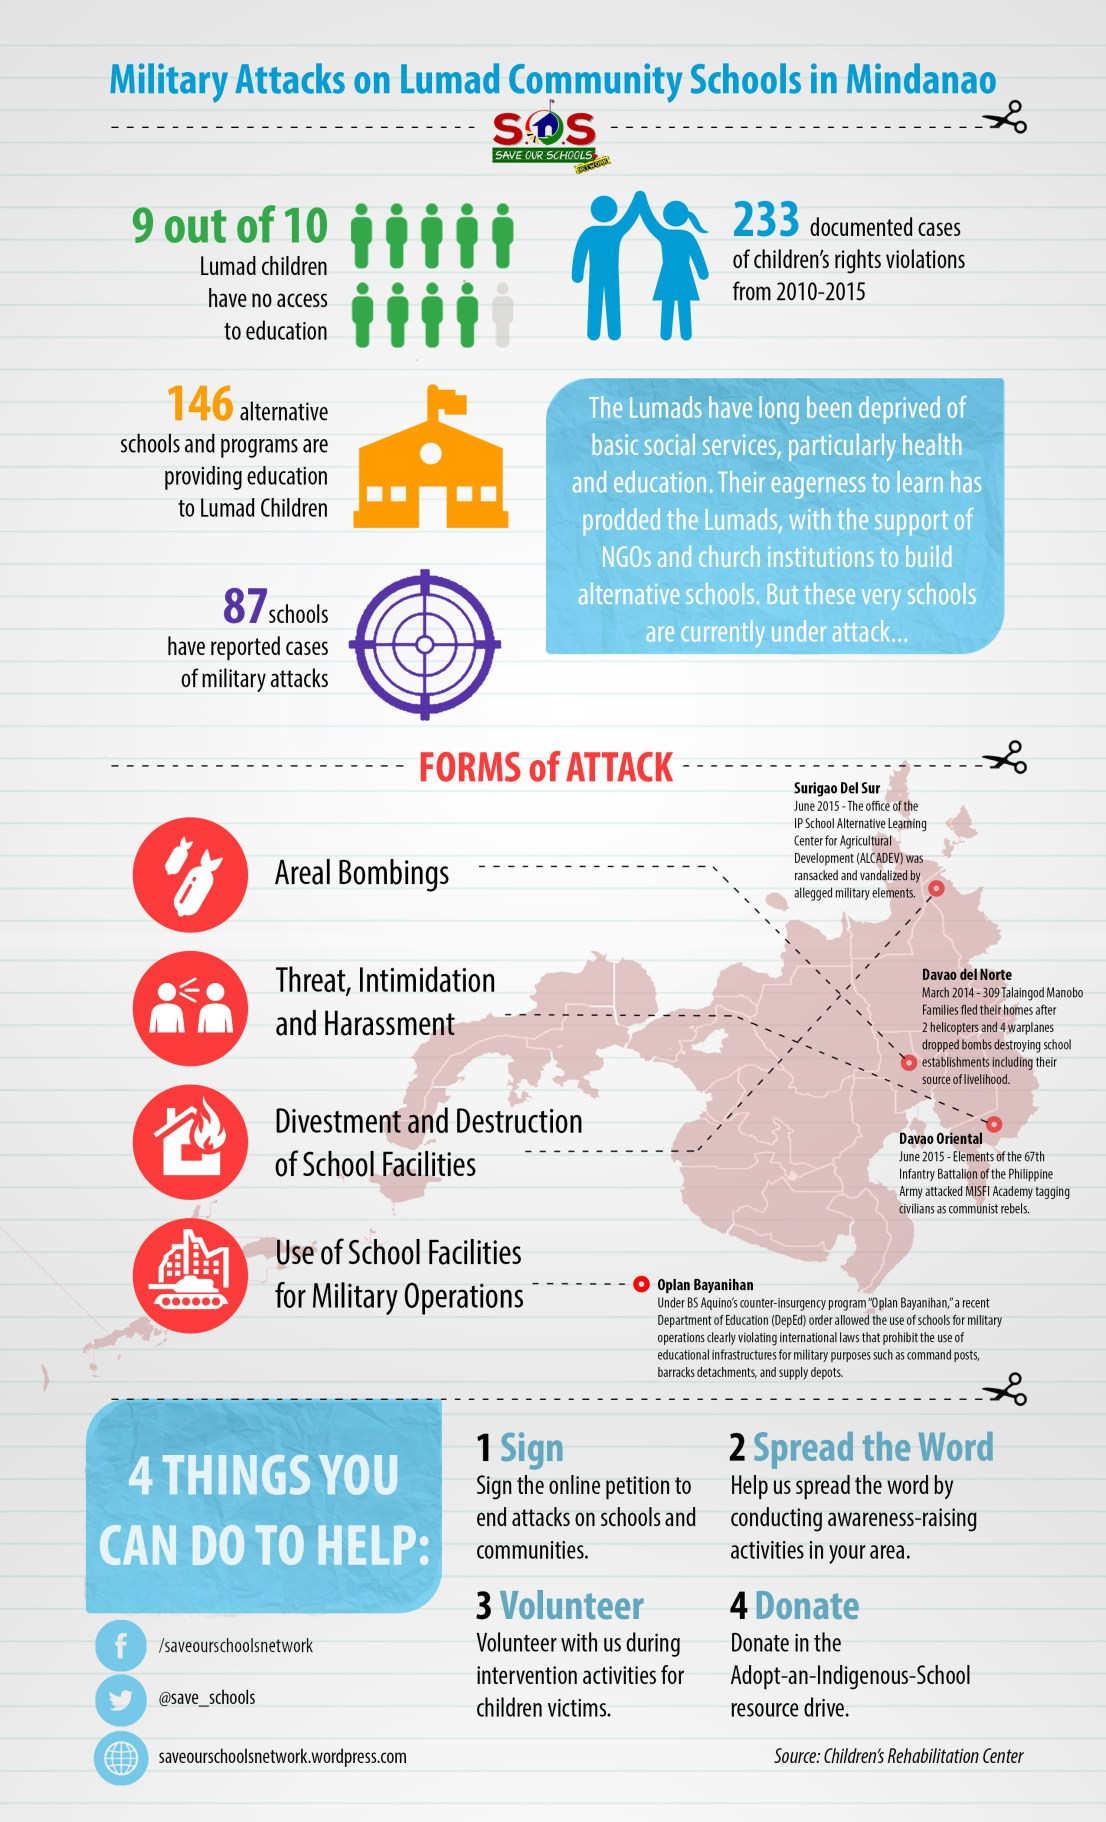 sos_infographic_